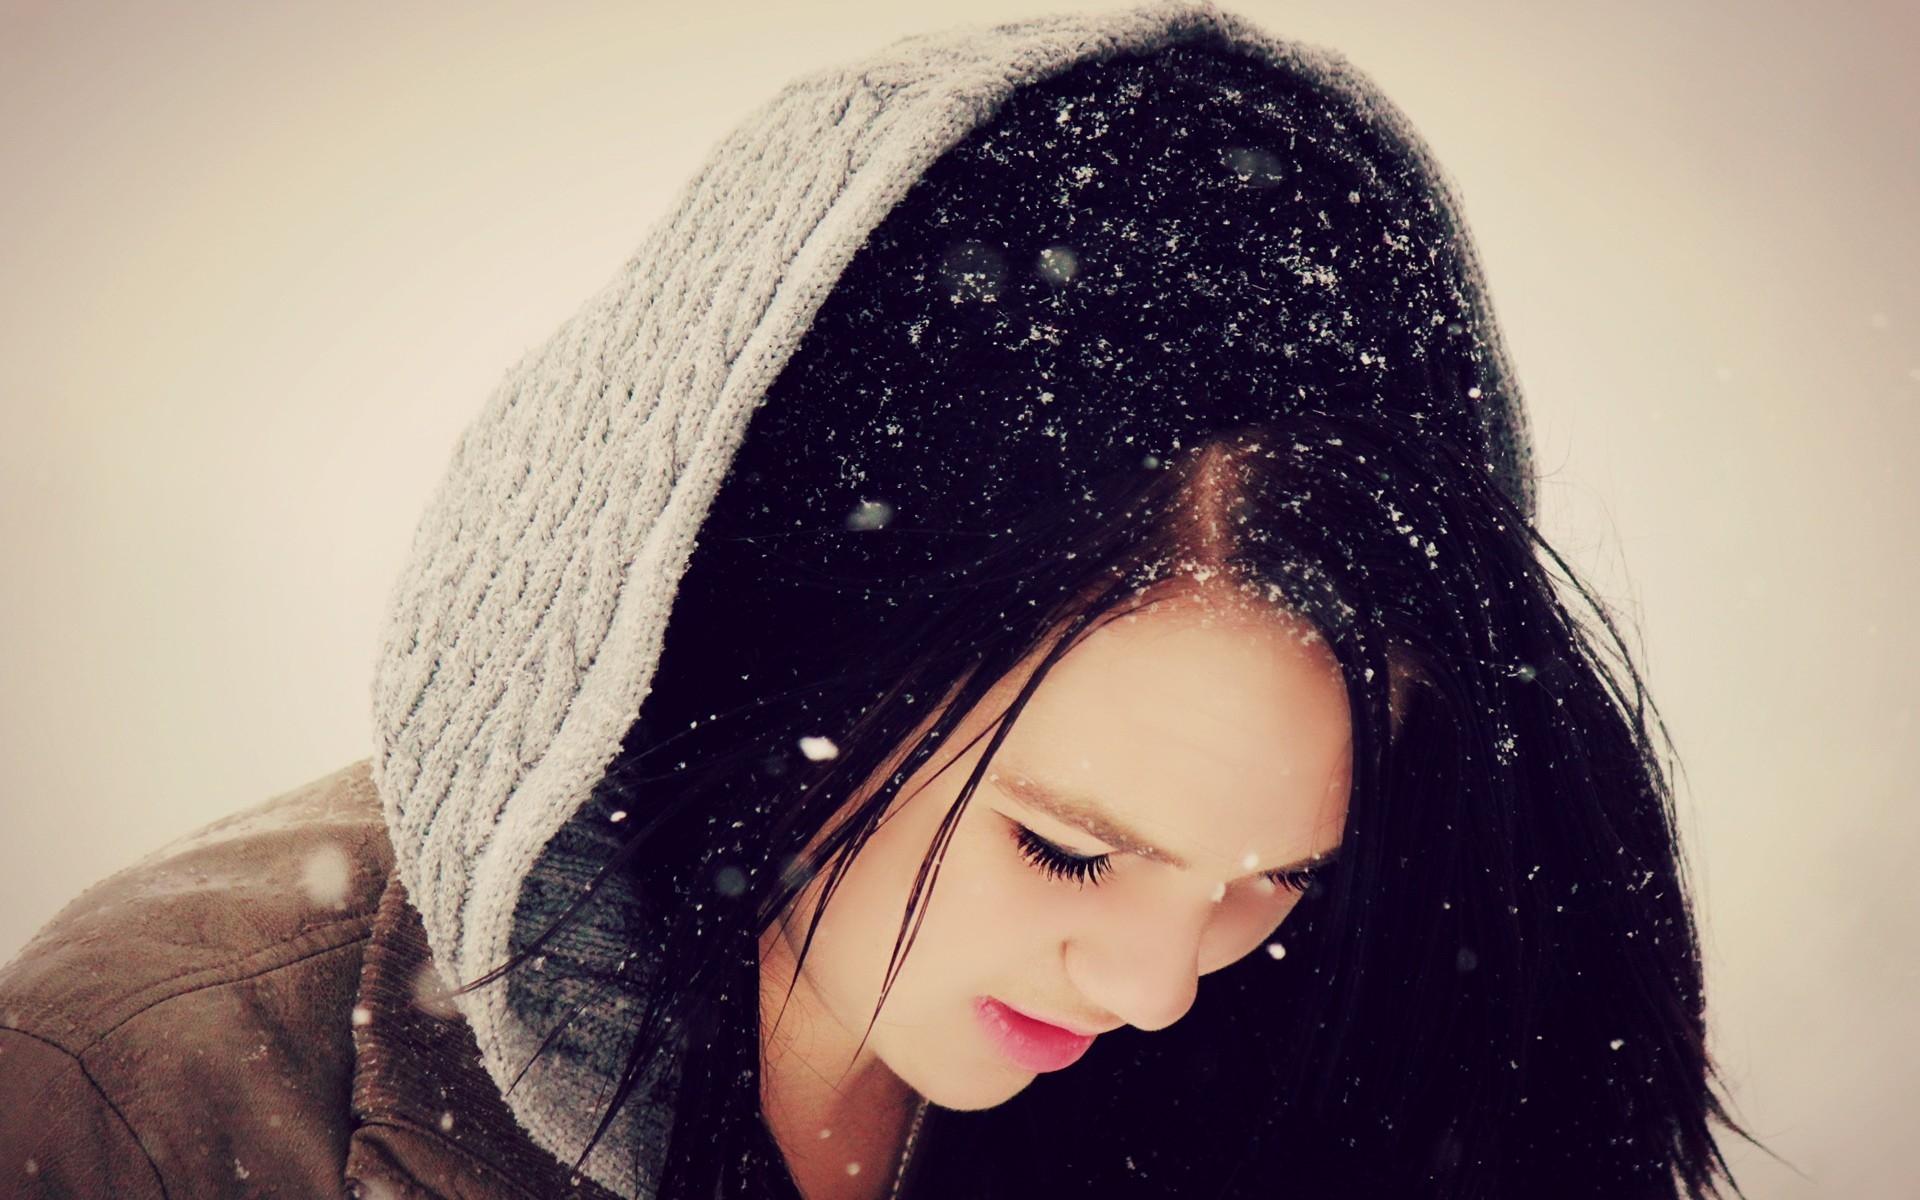 Картинки на аву для девушек без лица зимой брюнетка